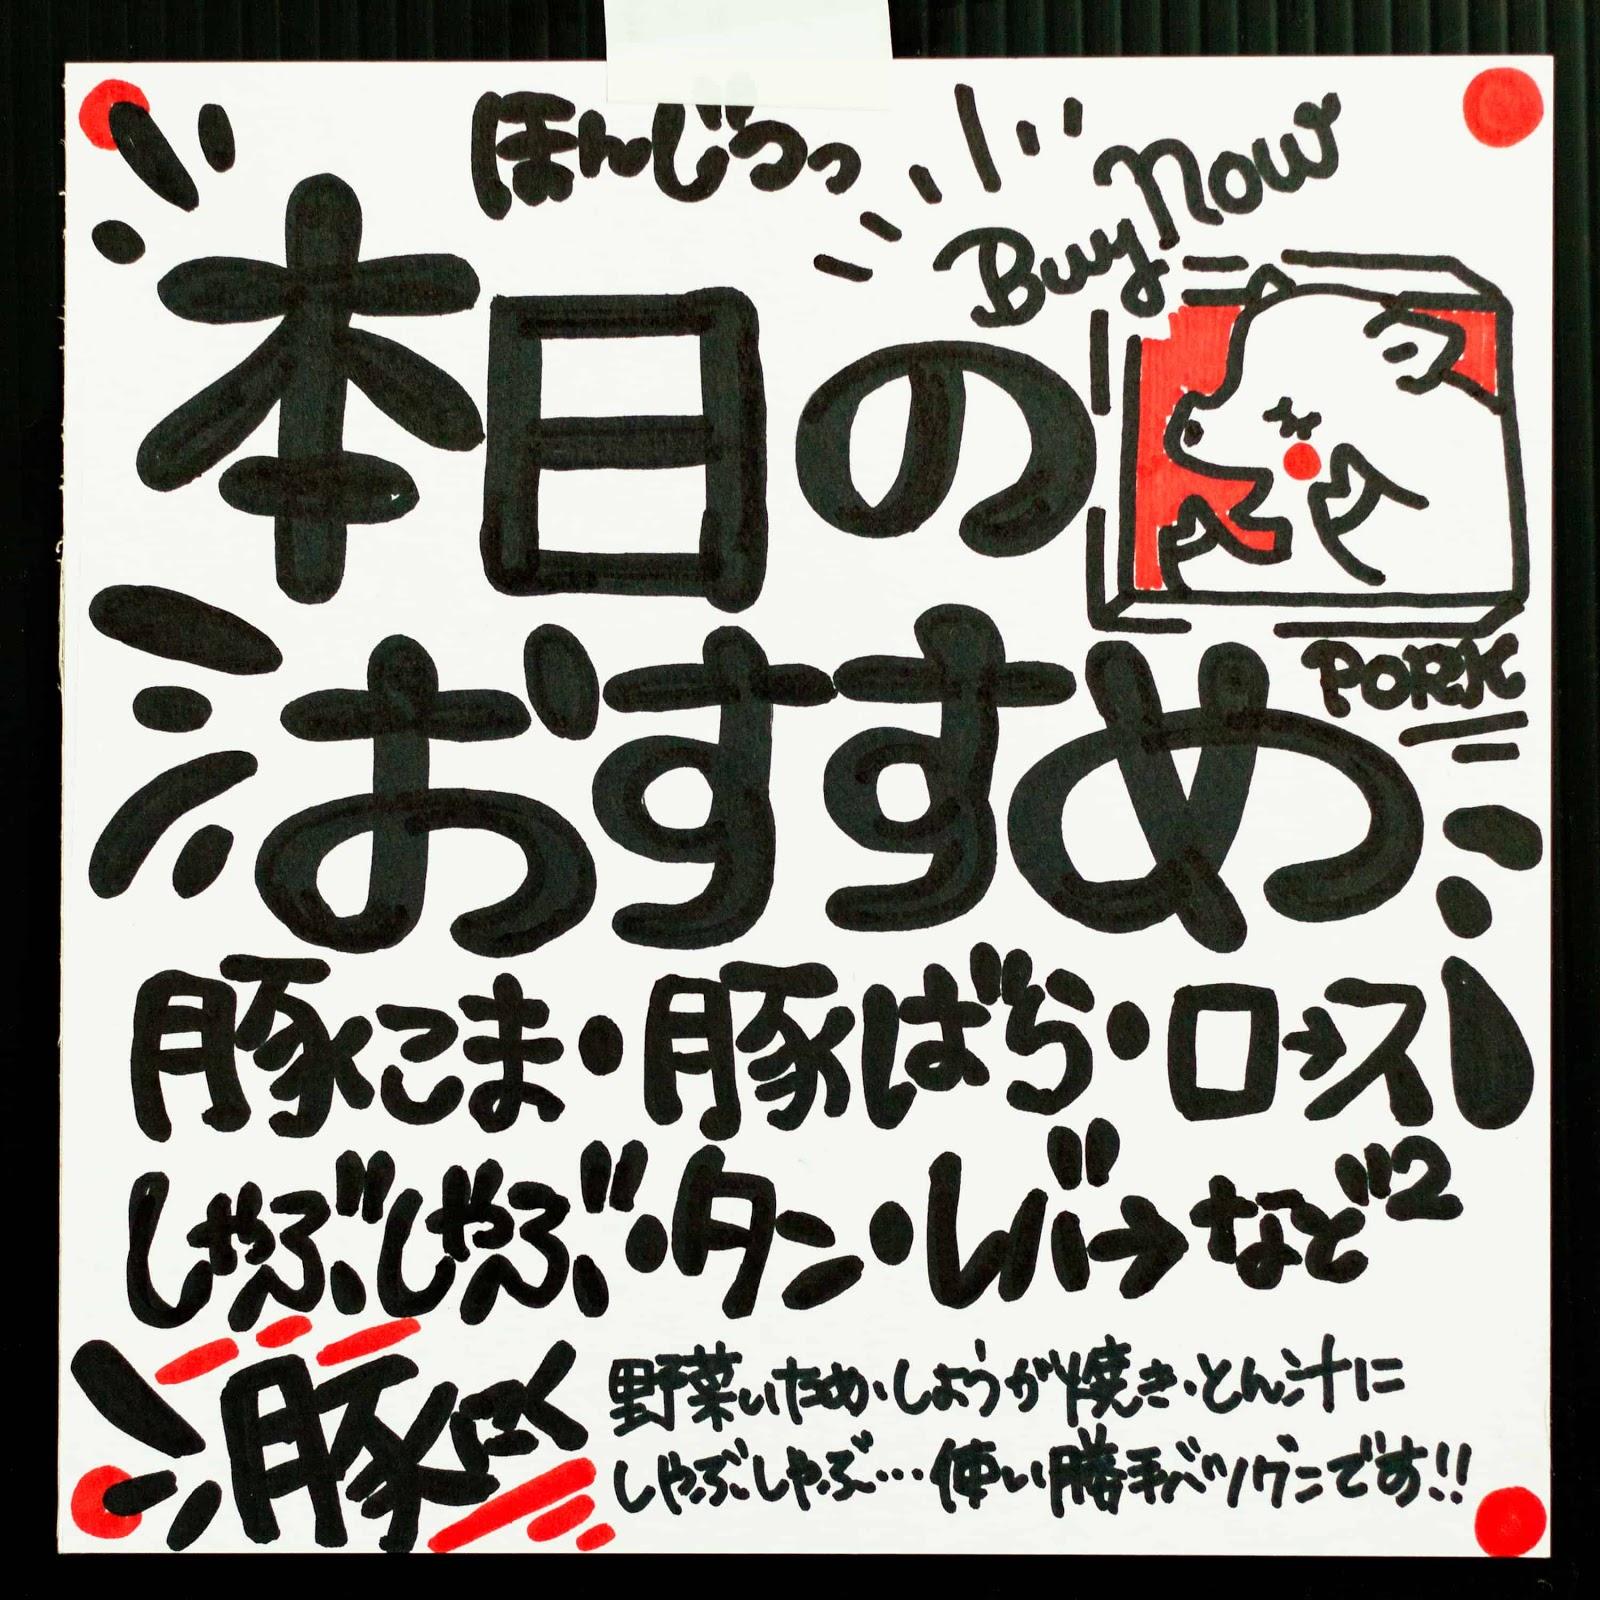 本日おすすめ スーパー豚肉セールpop文字の書き方 Diy集客tips 店頭販促popをハンドメイドする方法